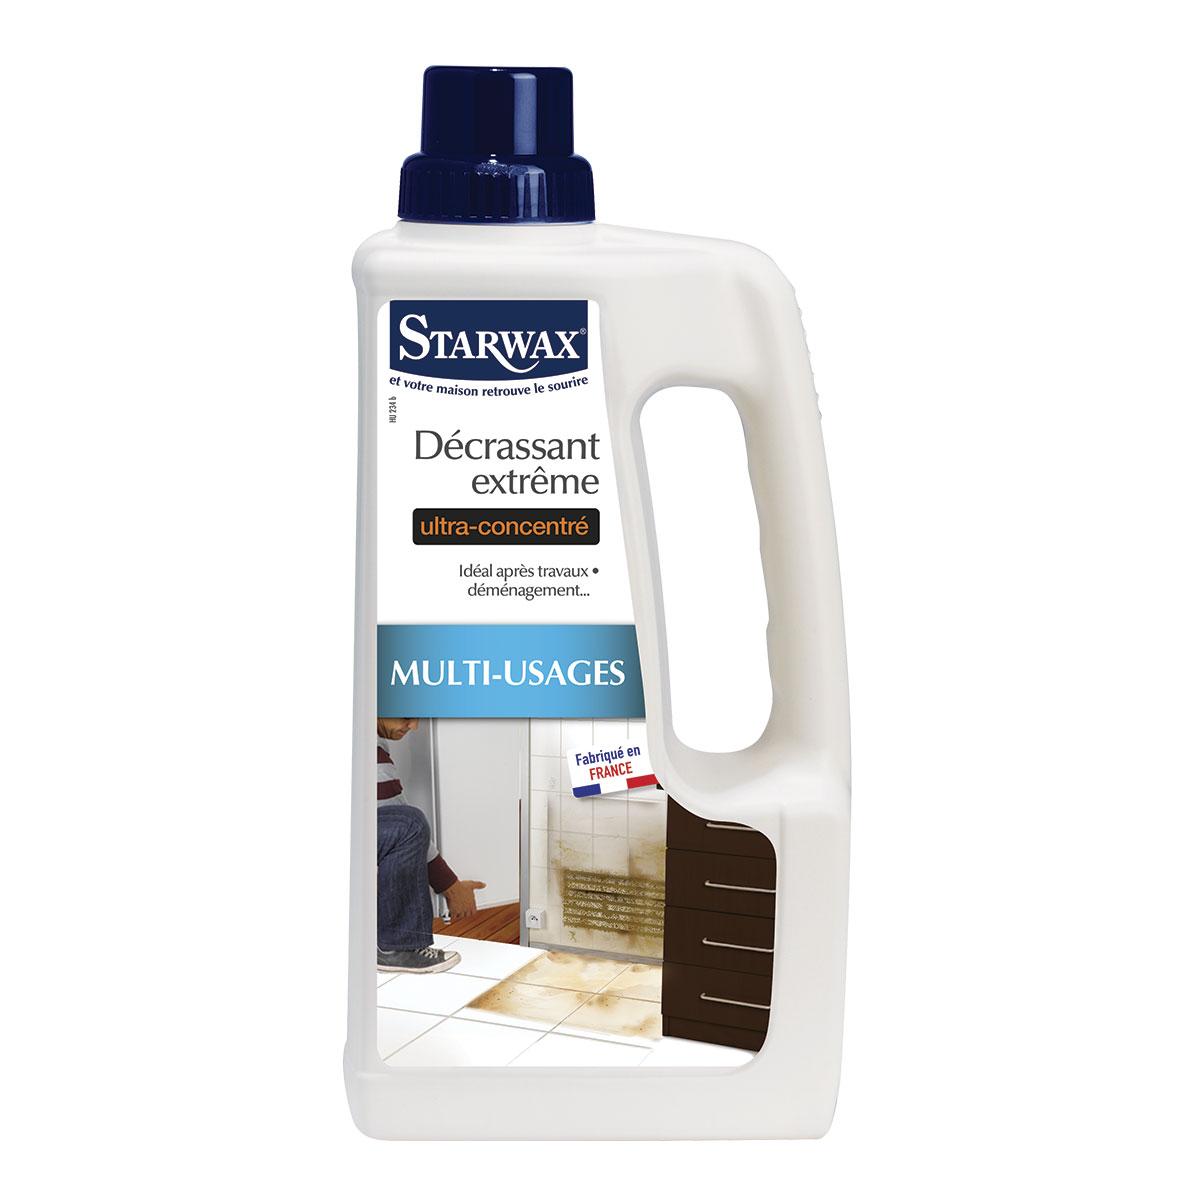 Décrassant pour nettoyages extrêmes - Starwax